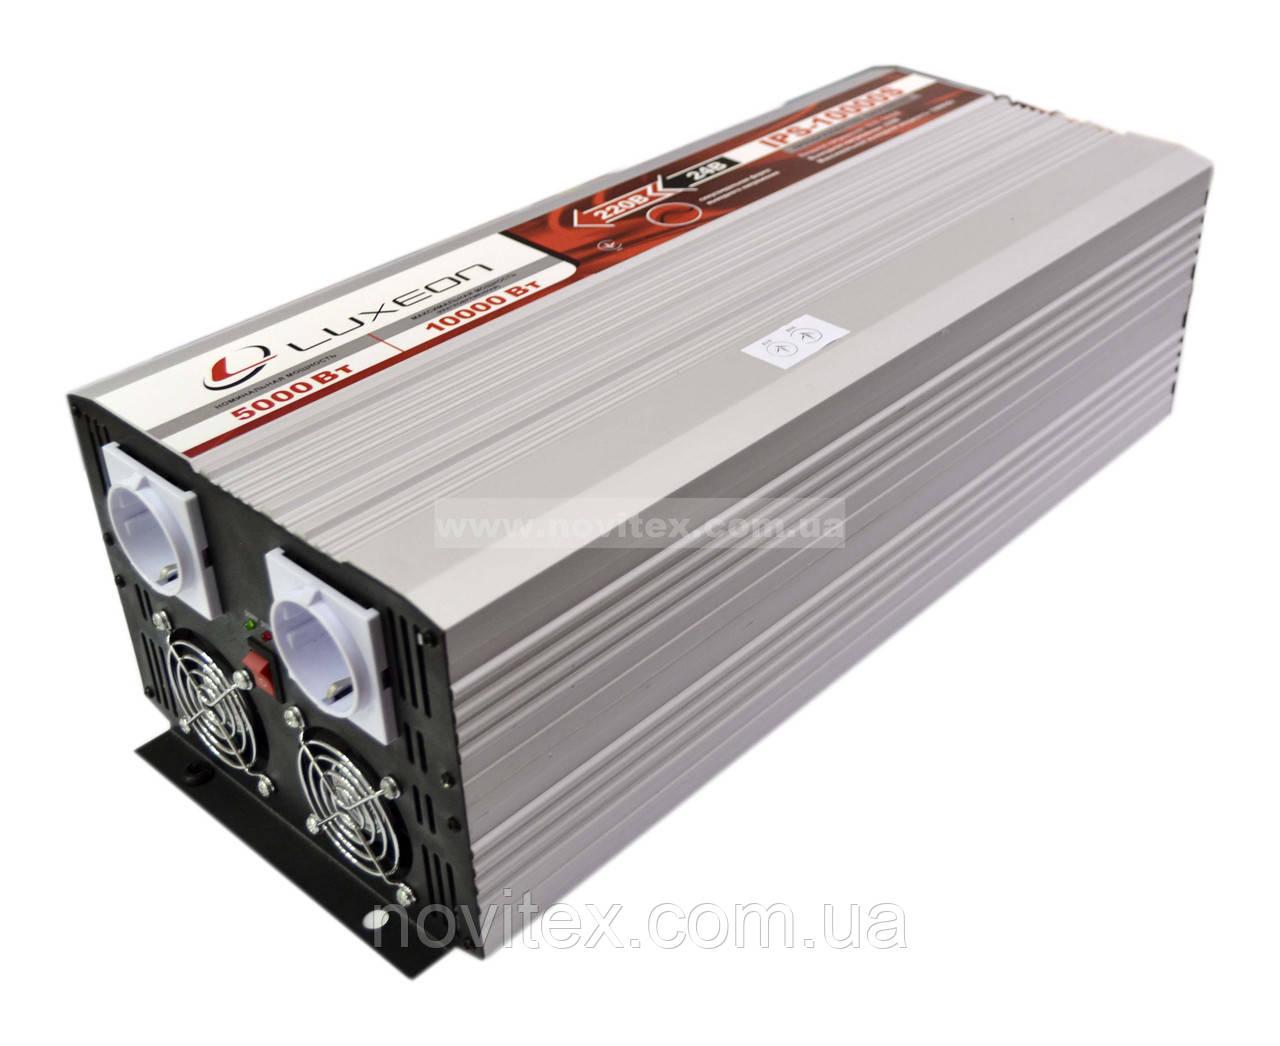 Инвертор Luxeon IPS-10000S (5000Вт)